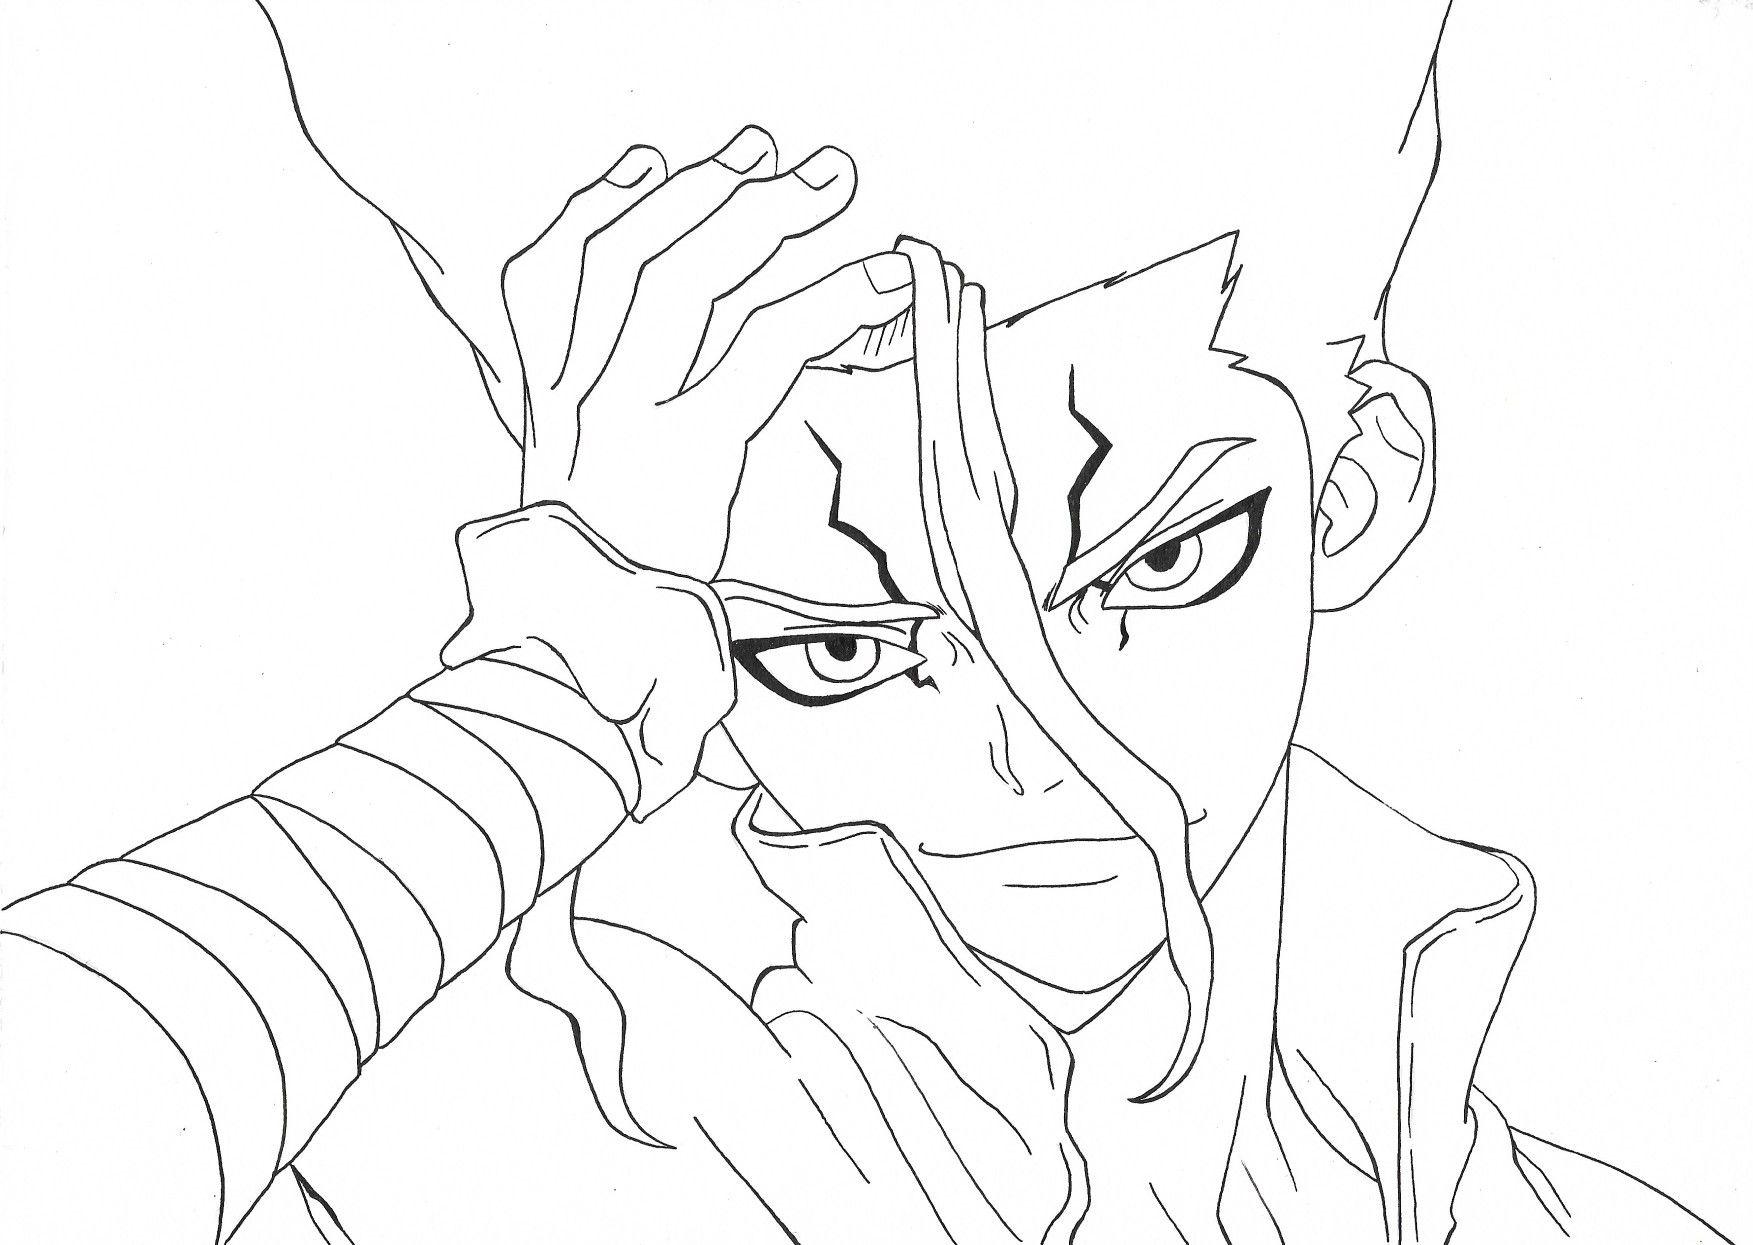 Dr Stone Senku Desenhos Novos Desenhando Esbocos Goku Desenho